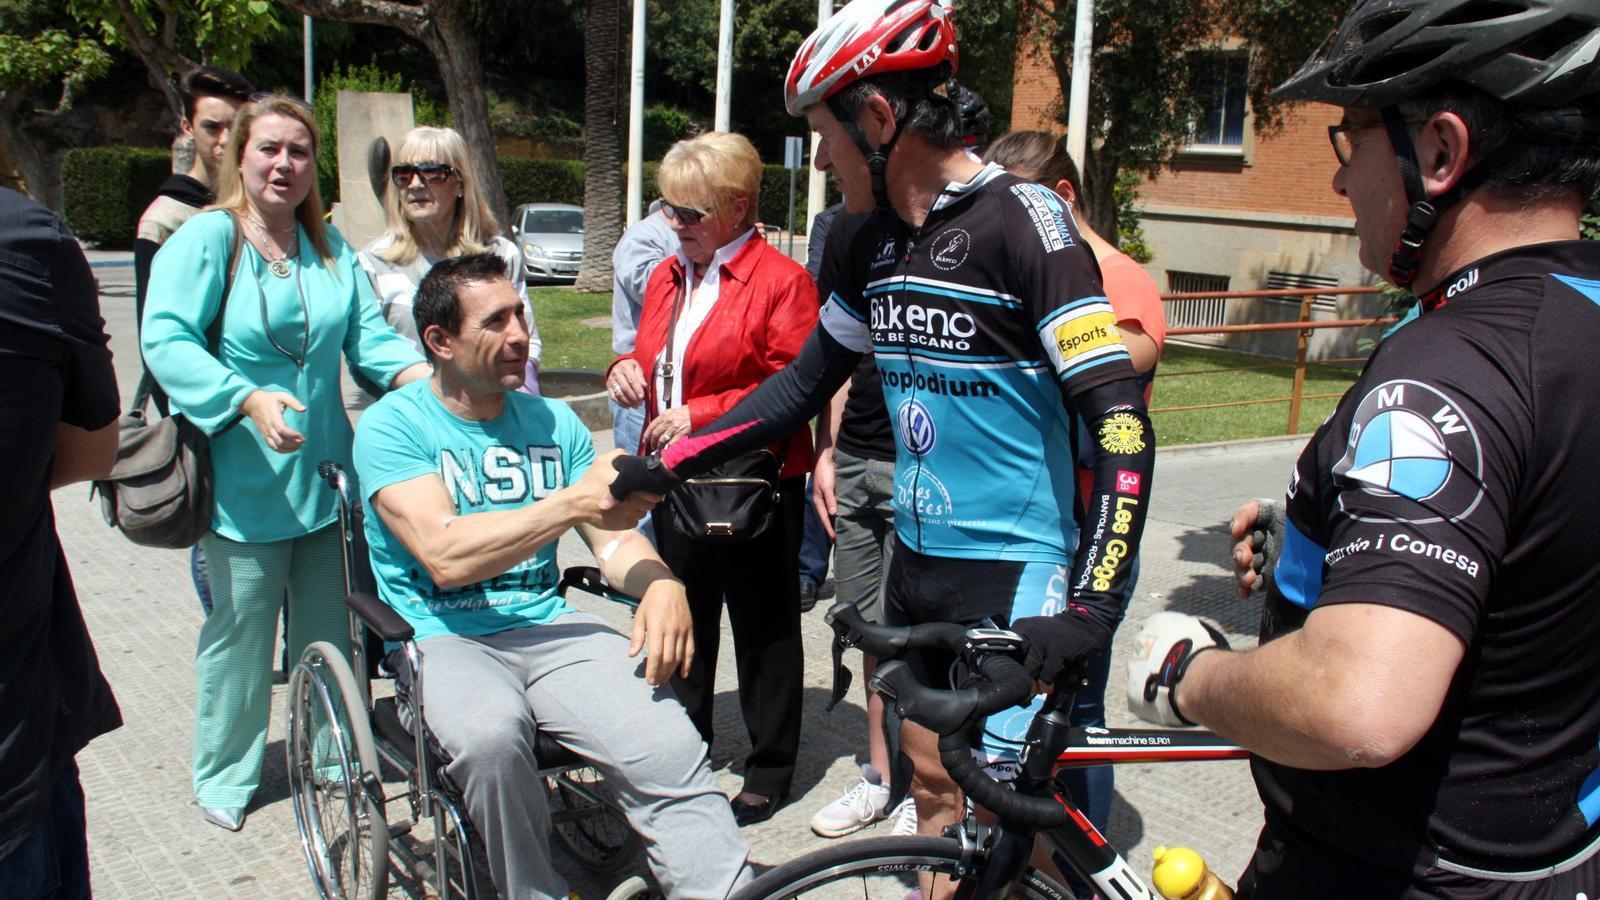 El ciclista atropellat, Josep Antoni Escuredo, ha rebut l'alta al Trueta després d'estar dos dies ingressat / ACN